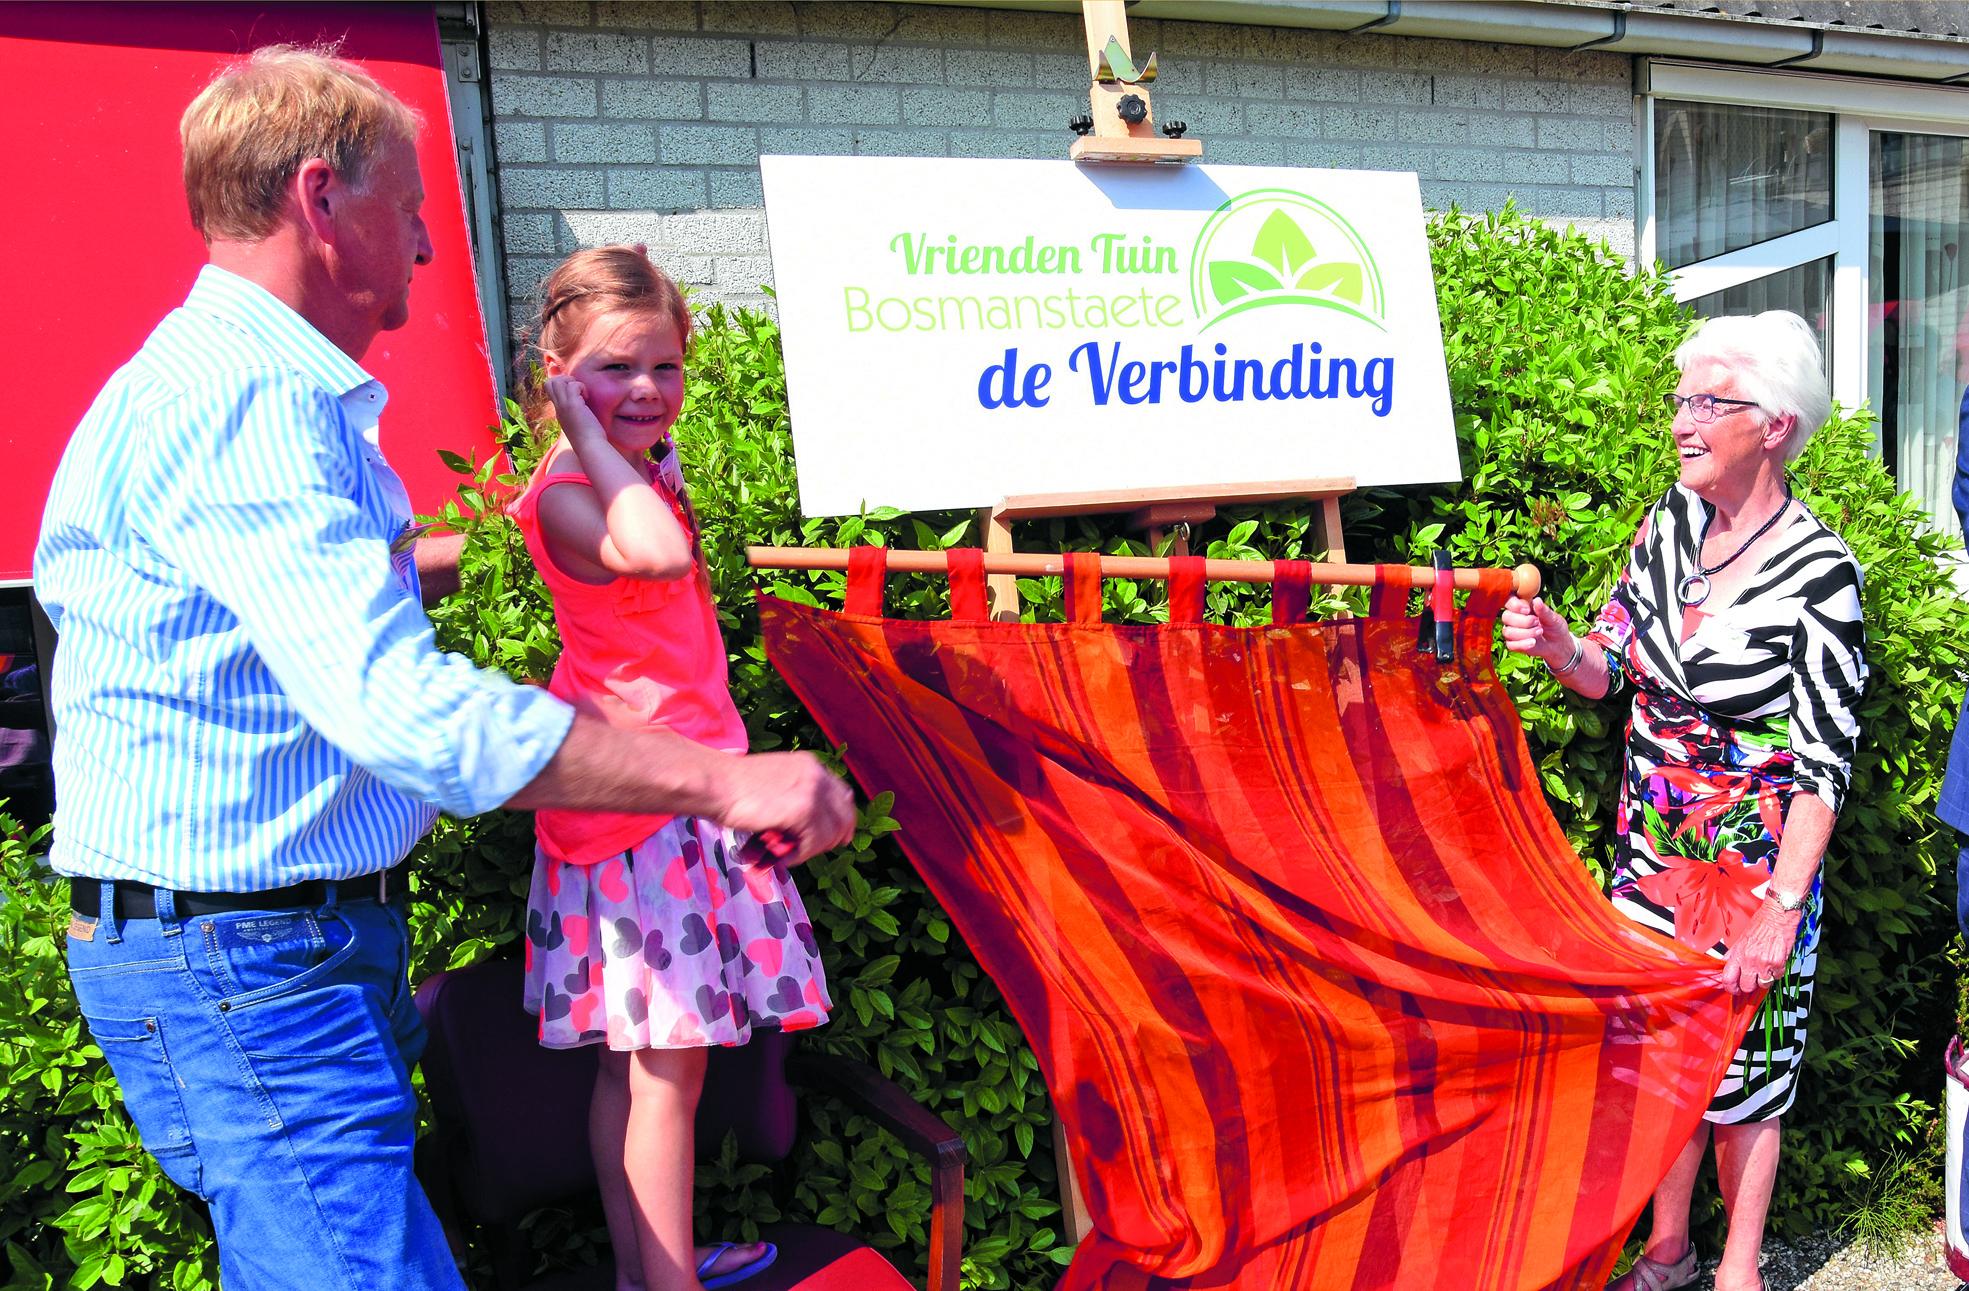 De tuin rondom woonzorgcentrum Bosmanstaete in Venhuizen is afgelopen zaterdag geopend door burgemeester Michiel Pijl,  tezamen met Zoë Boots en Afra Vroling. (Foto: Barend Hoekstra)